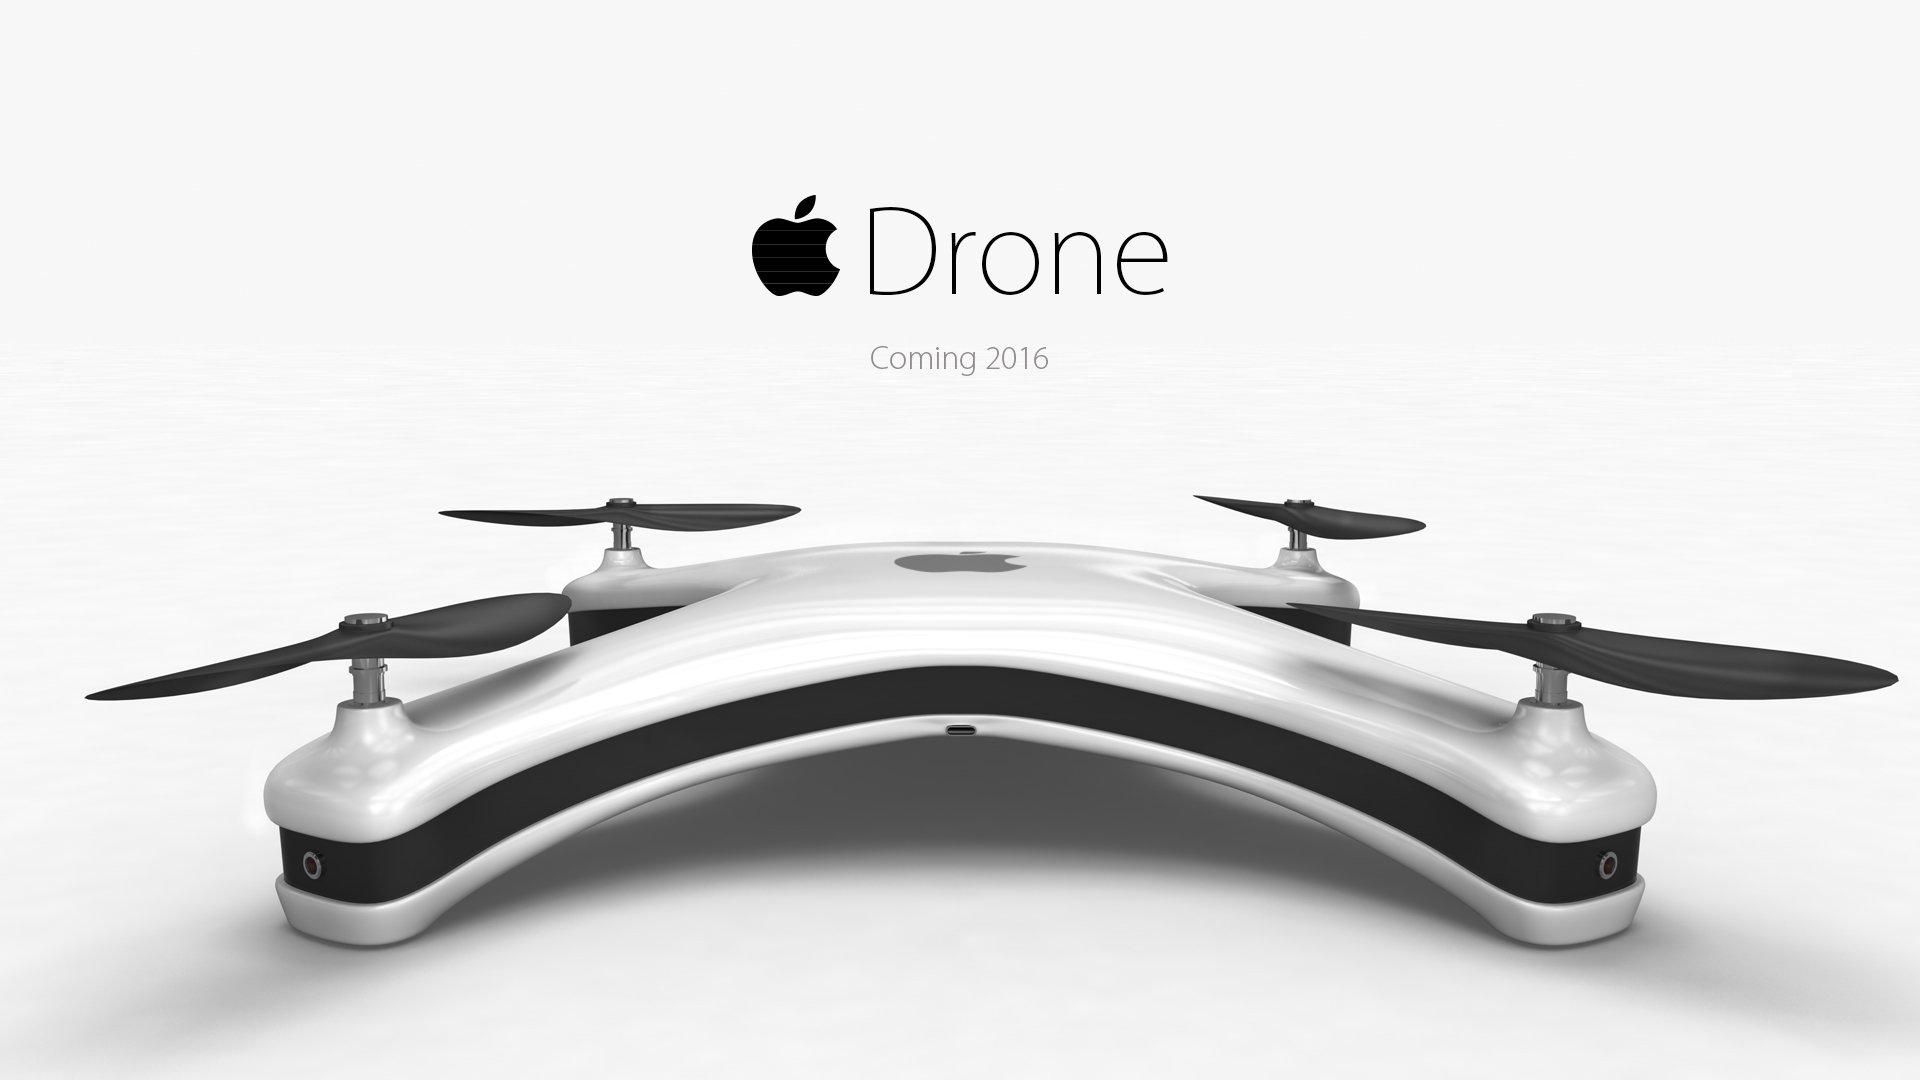 The Apple Drone: ein Quadrocopter von Apple? 8